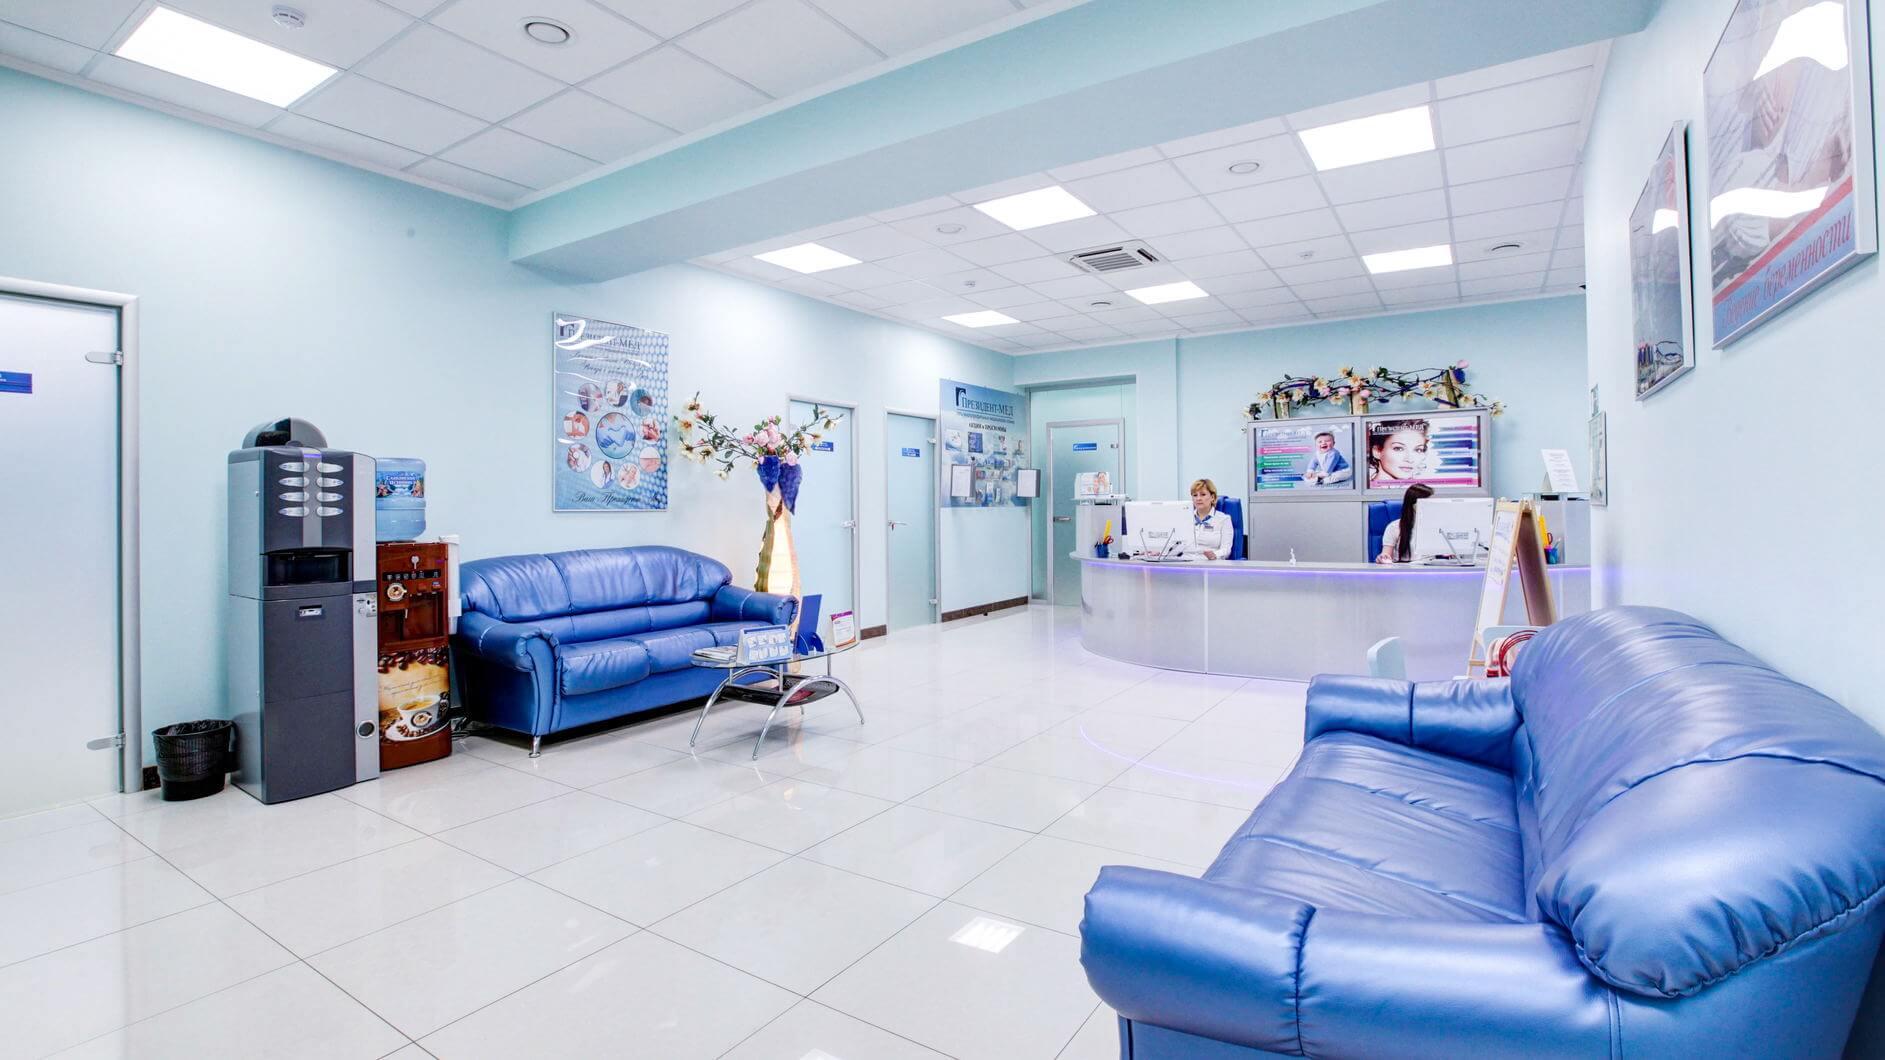 Отзывы о китайских медицинских центрах в москве